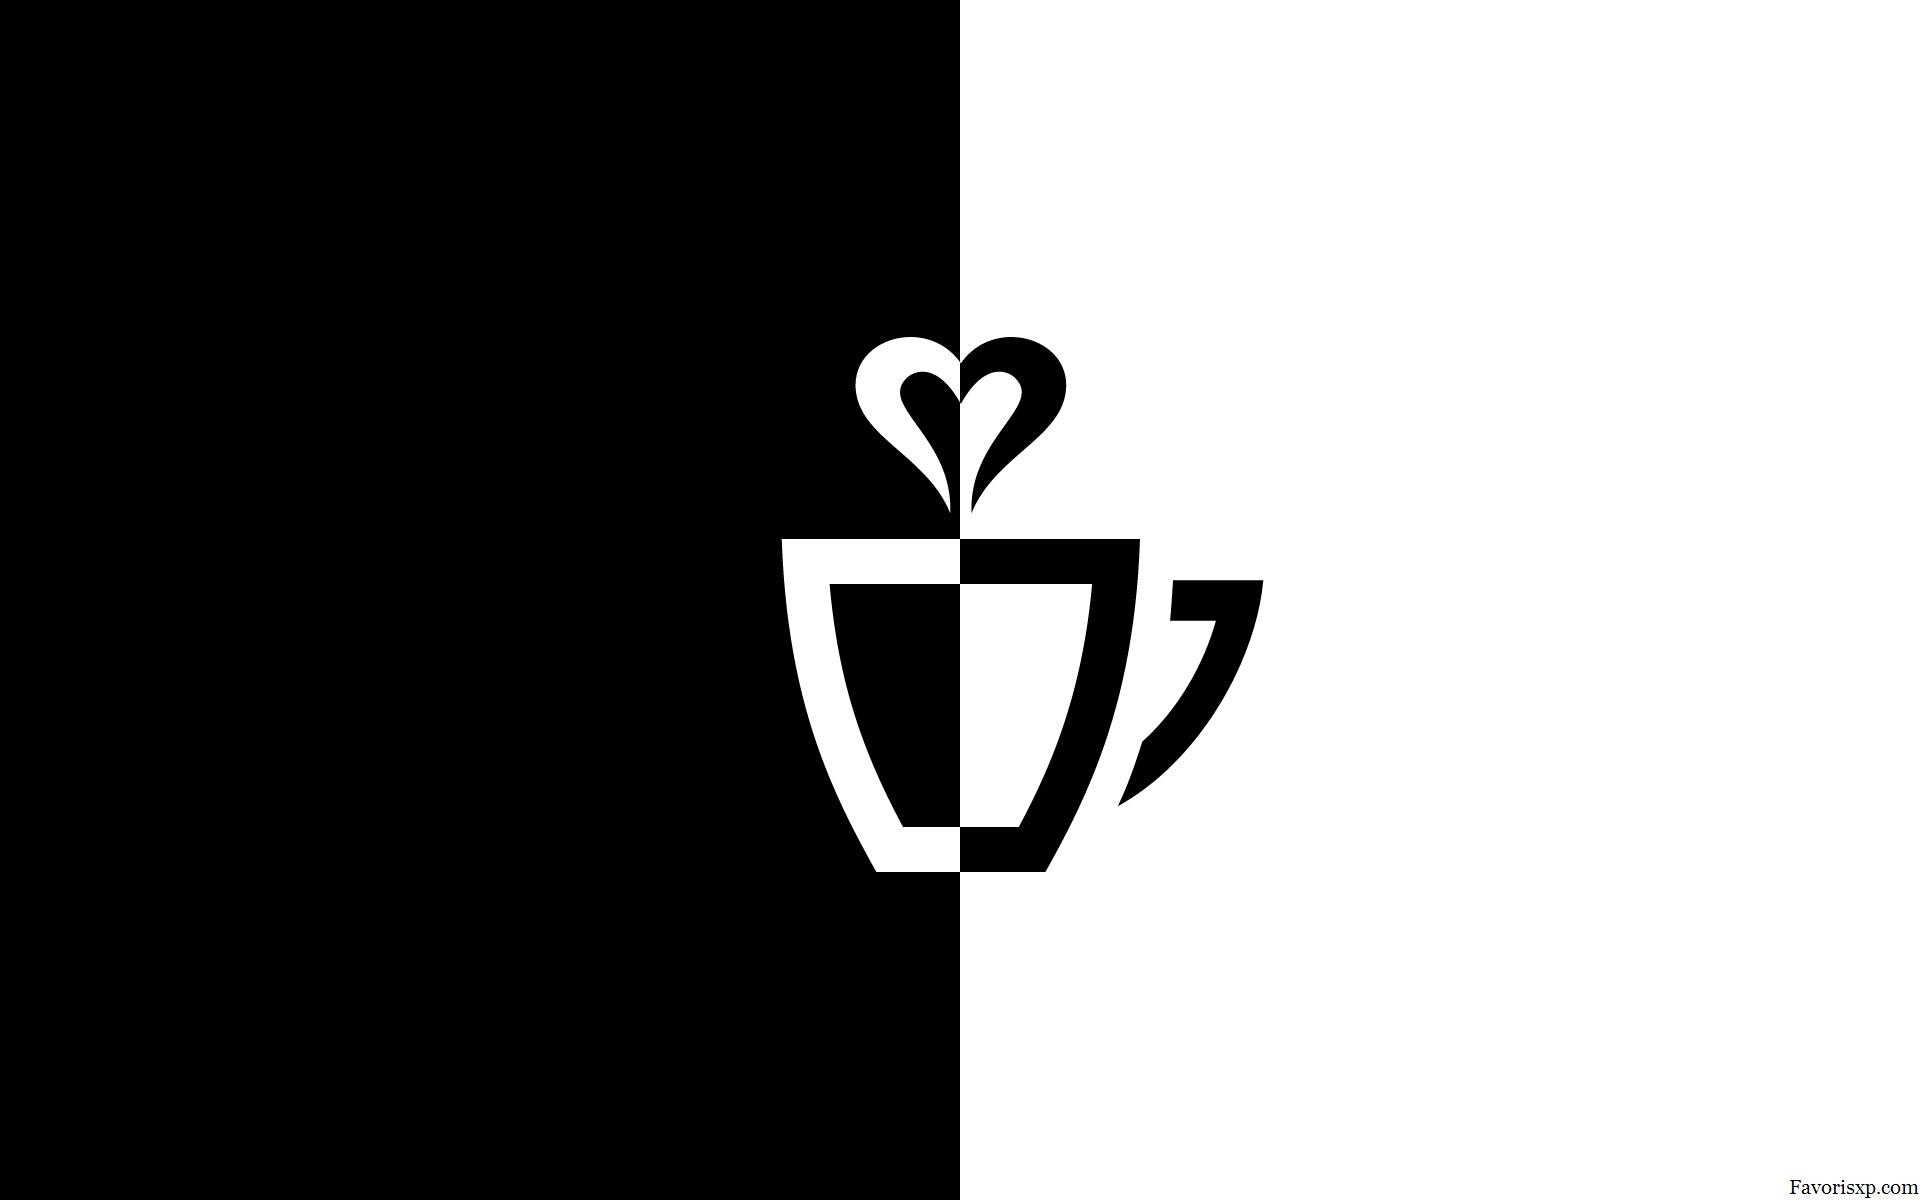 Fonds d 39 cran logo noir et blanc images n b - Tapisserie rayee noir et blanc ...